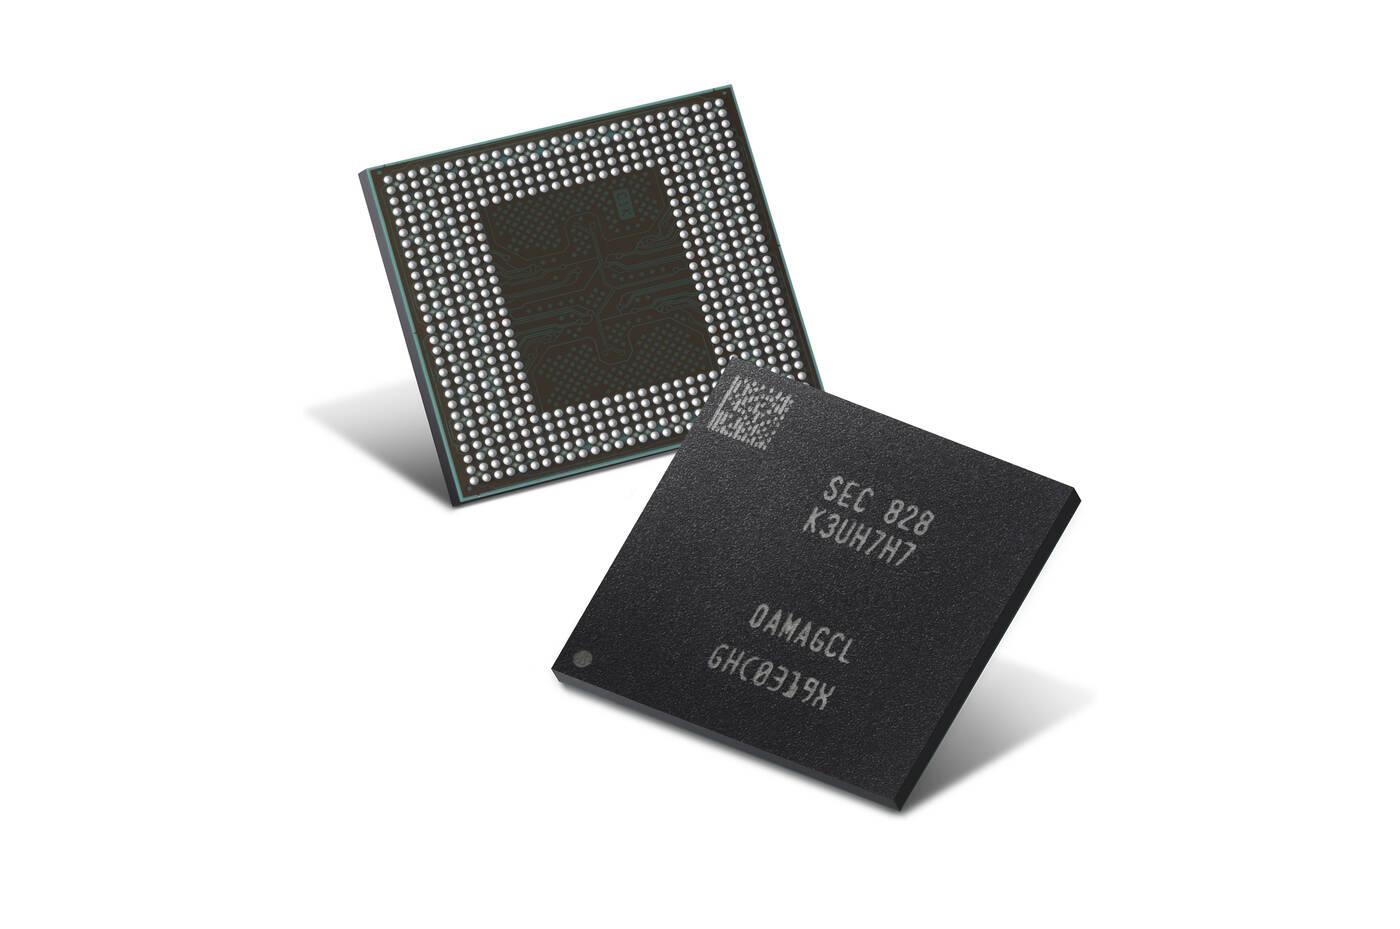 Nie liczcie na spadki cen DDR4 i oczekujcie jeszcze tańszych SSD